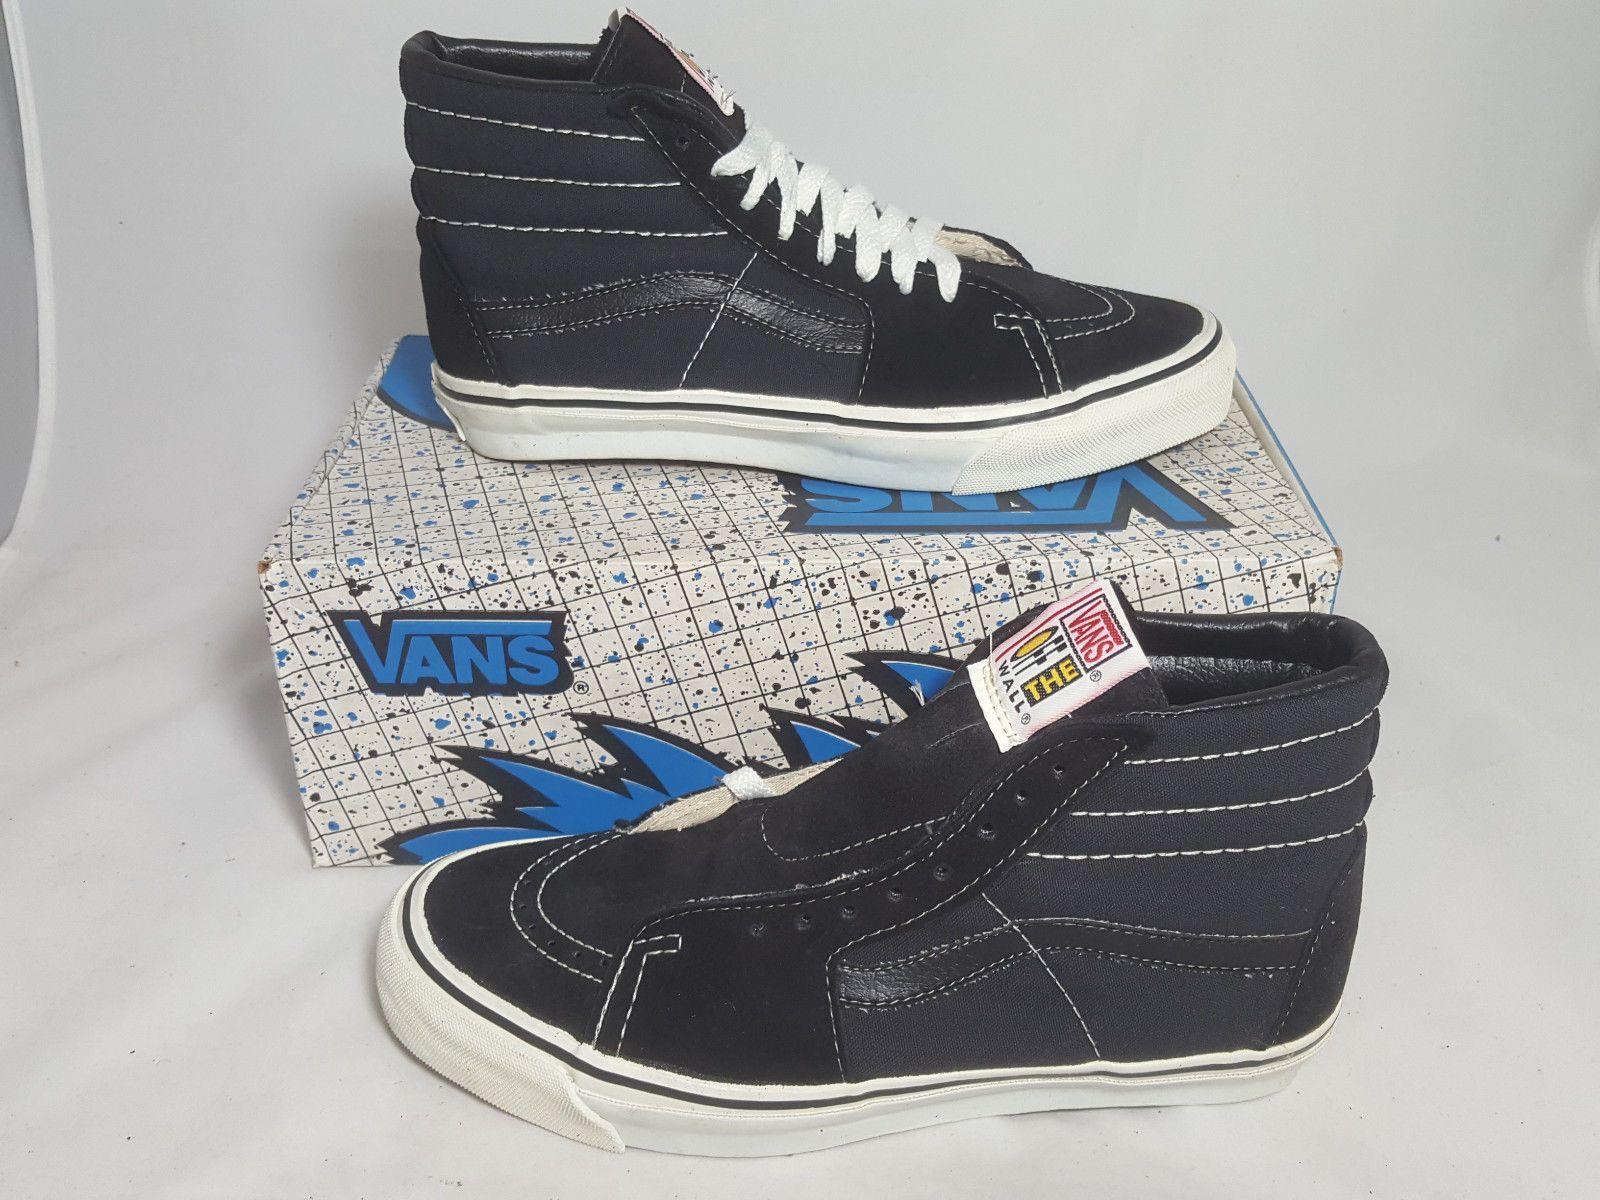 mens vans shoes size 9